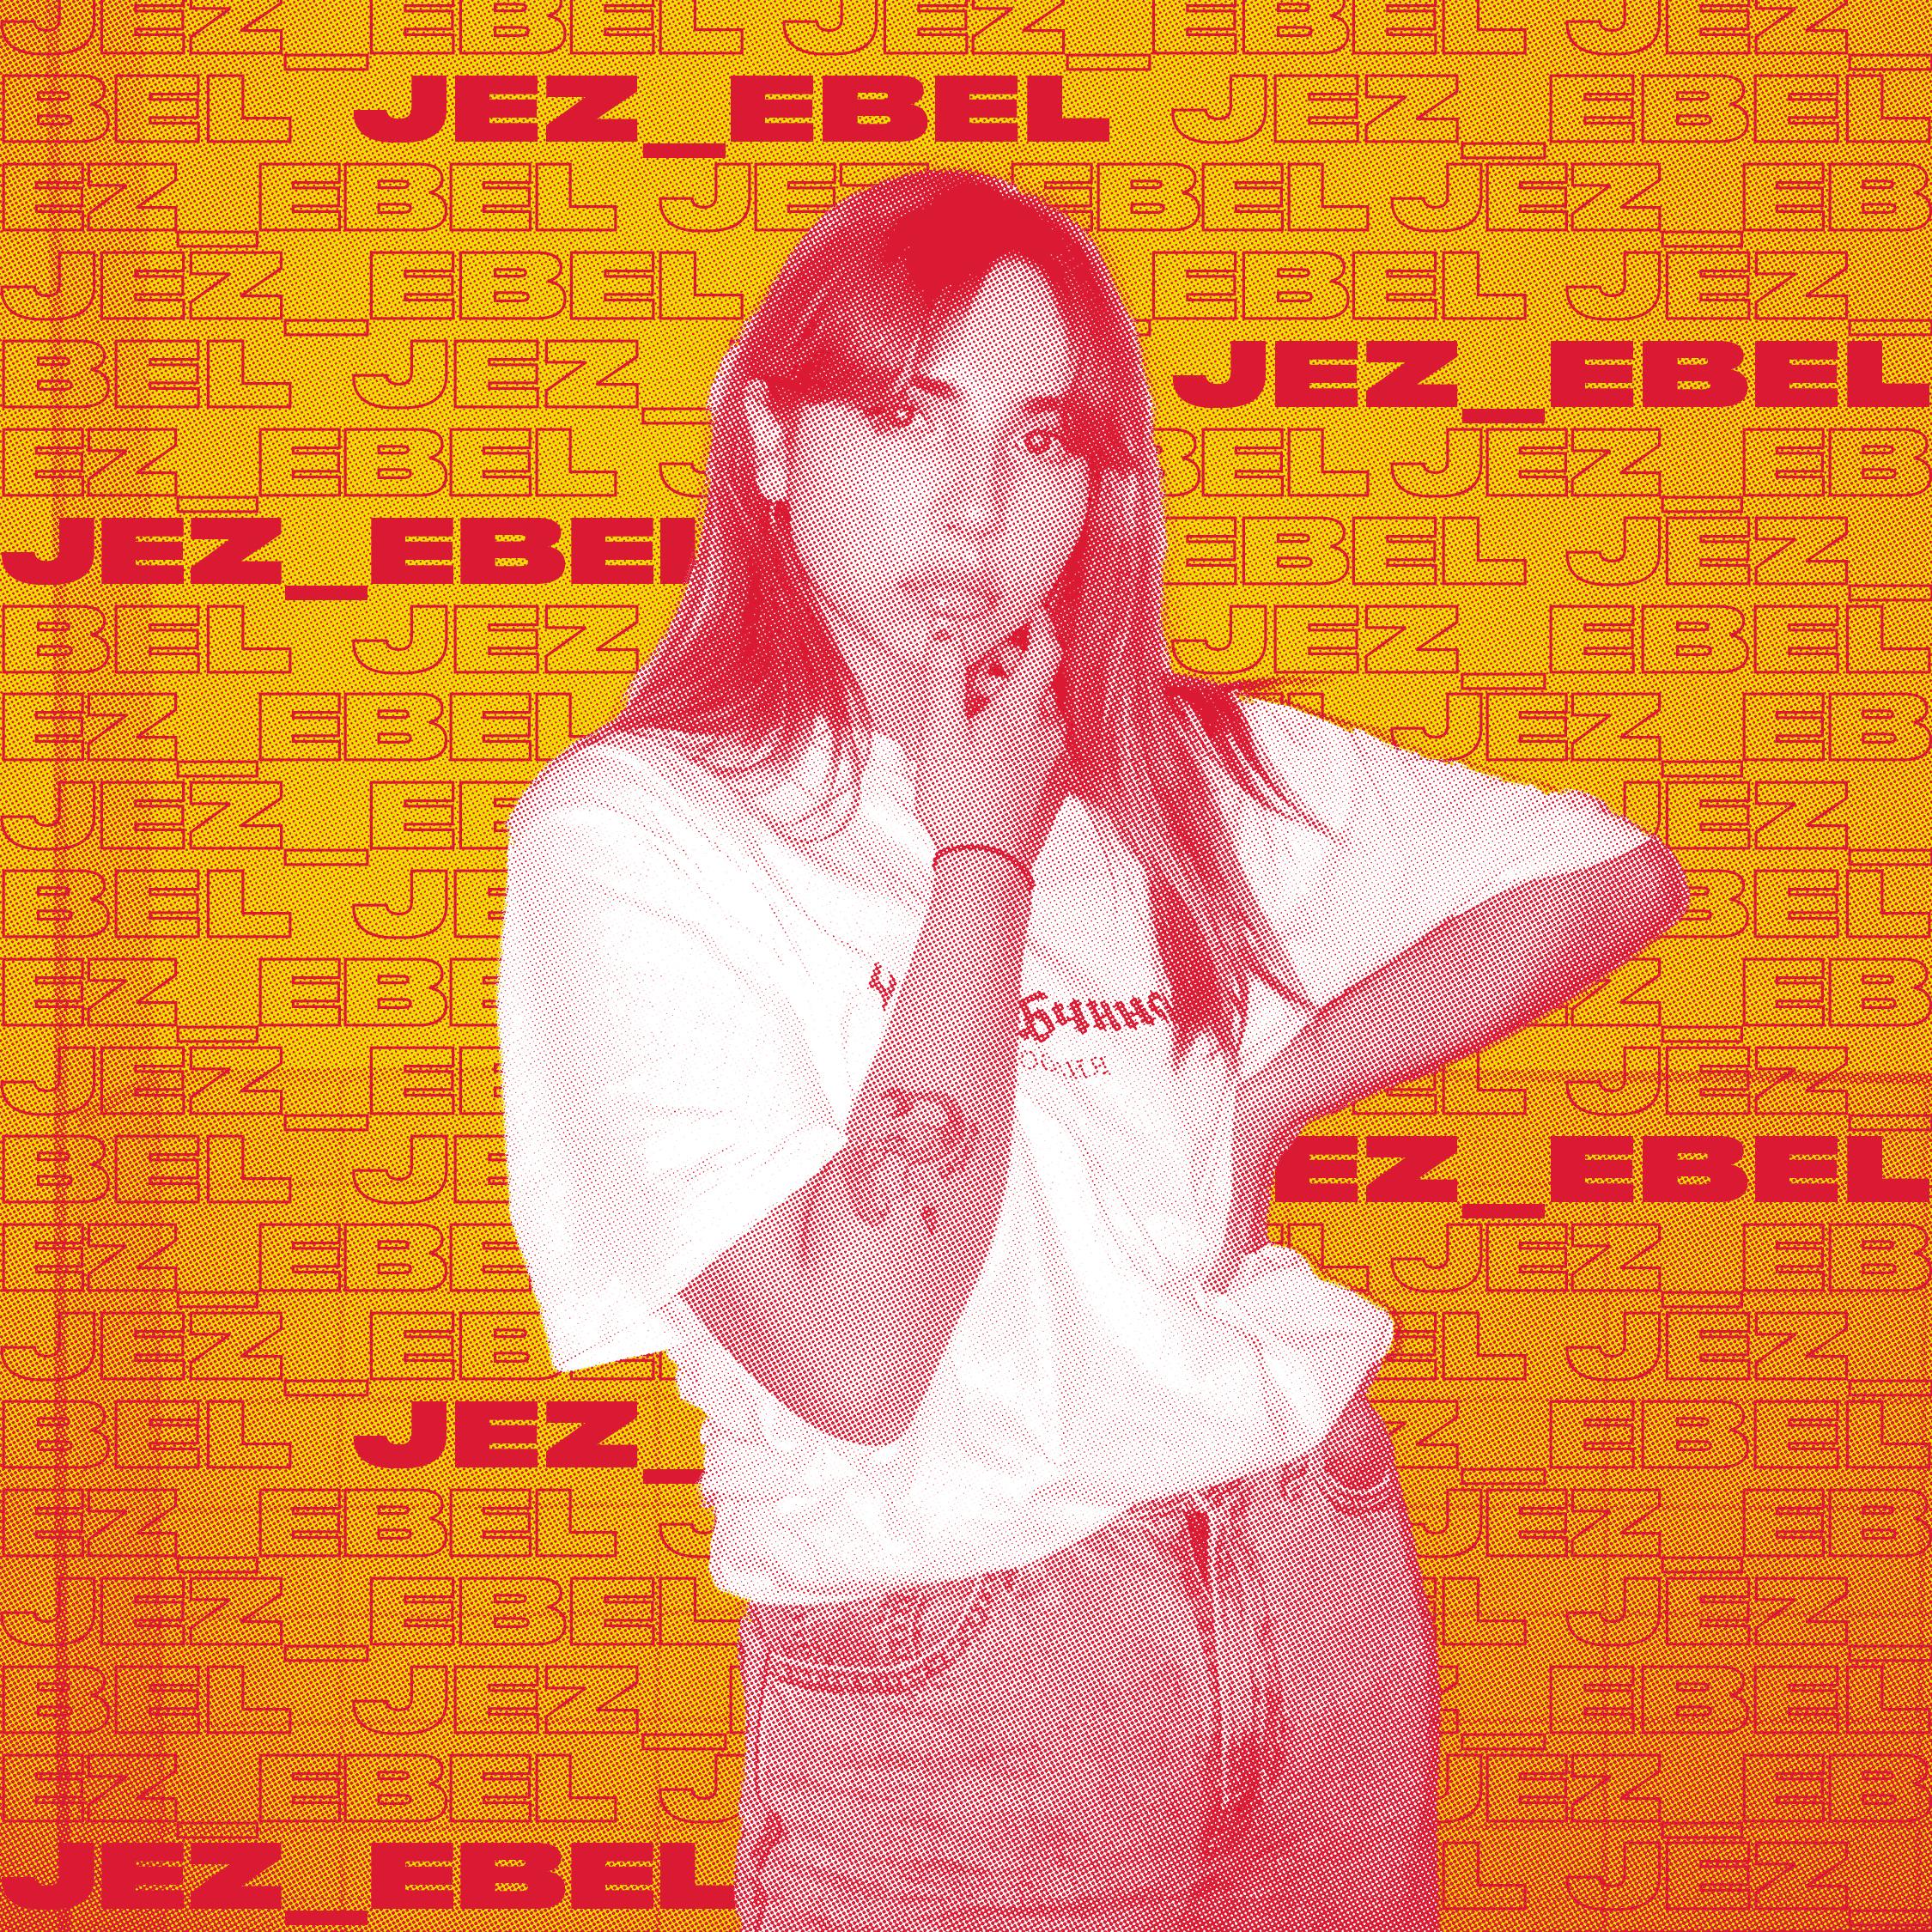 JEZ_EBEL er en freidig jente som hovedsakelig har holdt seg i SoundCloud-landskapet i en god stund. Her hun laget sin egen verden av elektronisk soul-fylt bedroom-pop. Med eklektiske uttrykk, et uskyldig ansikt og en sterk tendens til å synge om kjærlighet og seksualitet, har JEZ_EBEL blant annet blitt spilt og anbefalt av P3 urørt for låten «GARDEN H0ES». Nye låter er lovet i løpet av året.